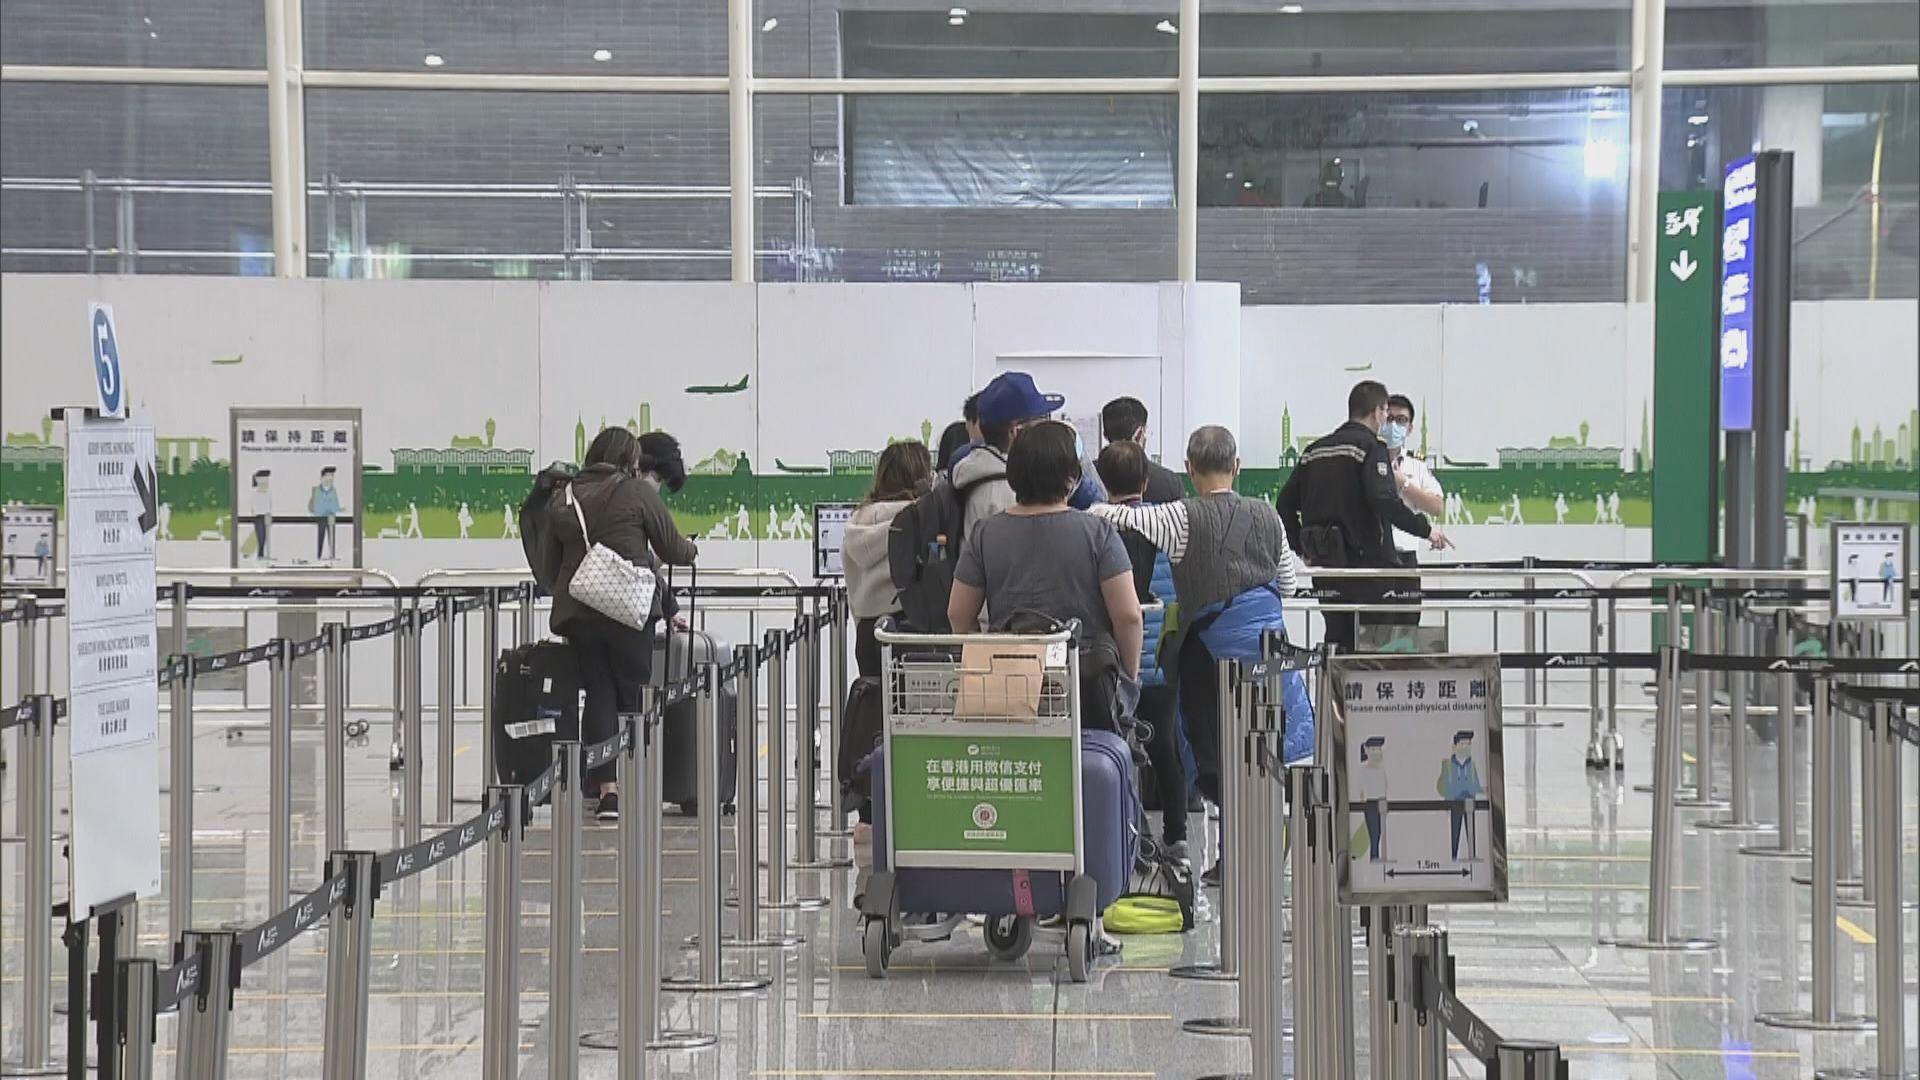 南非抵港確診旅客曾逗留倫敦 須接受病毒基因排序